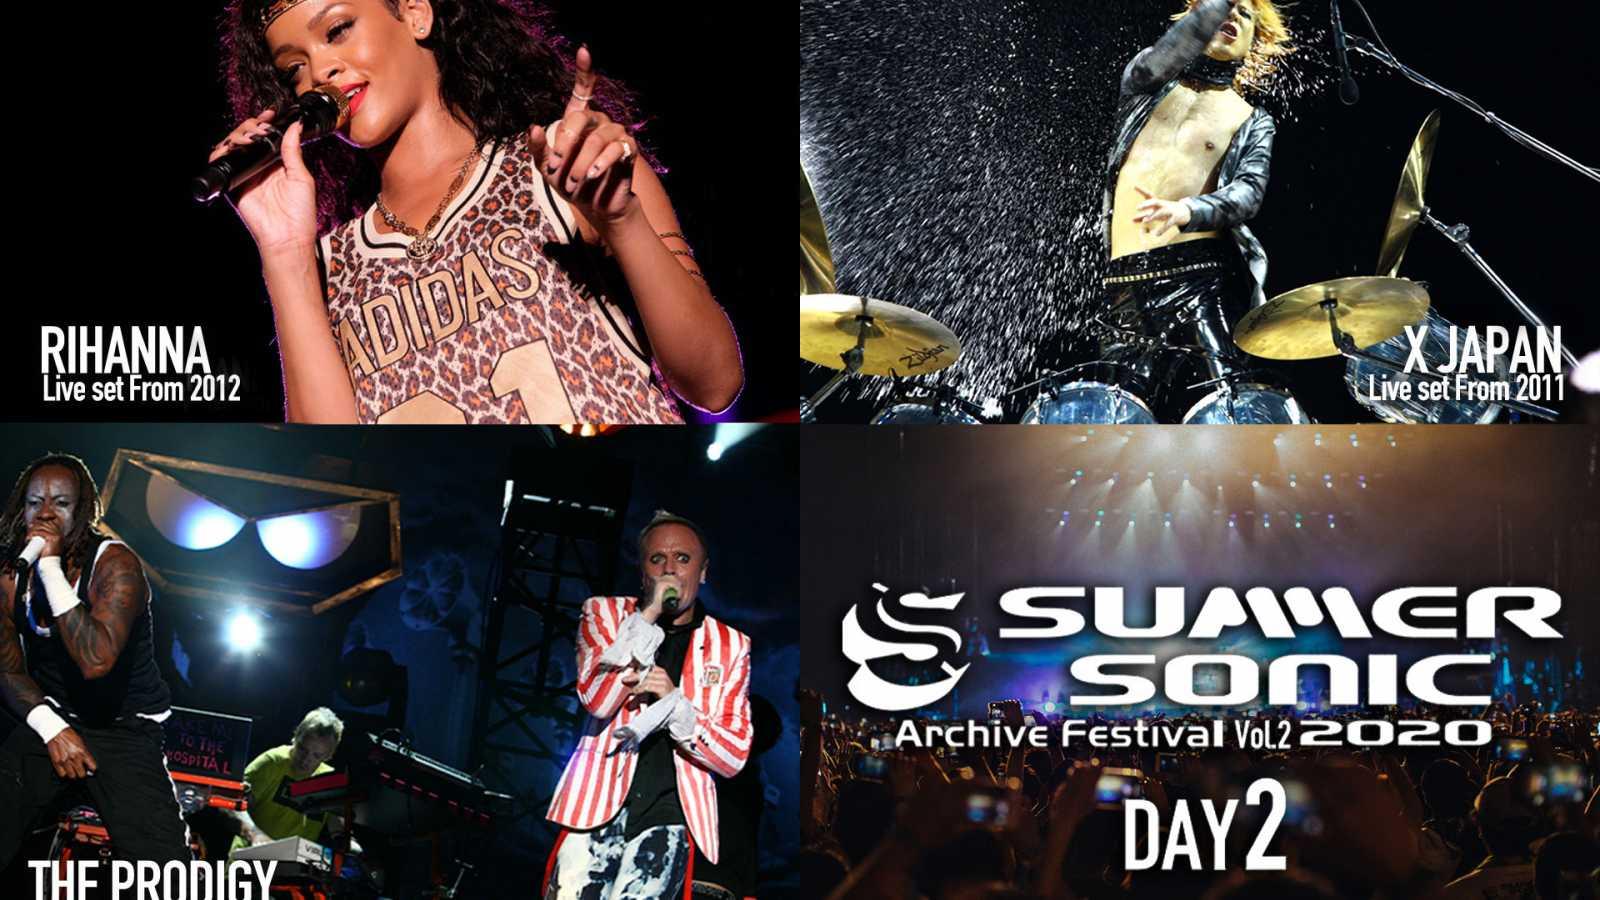 Summer Sonic 2020 transmitirá o show do X JAPAN de 2011